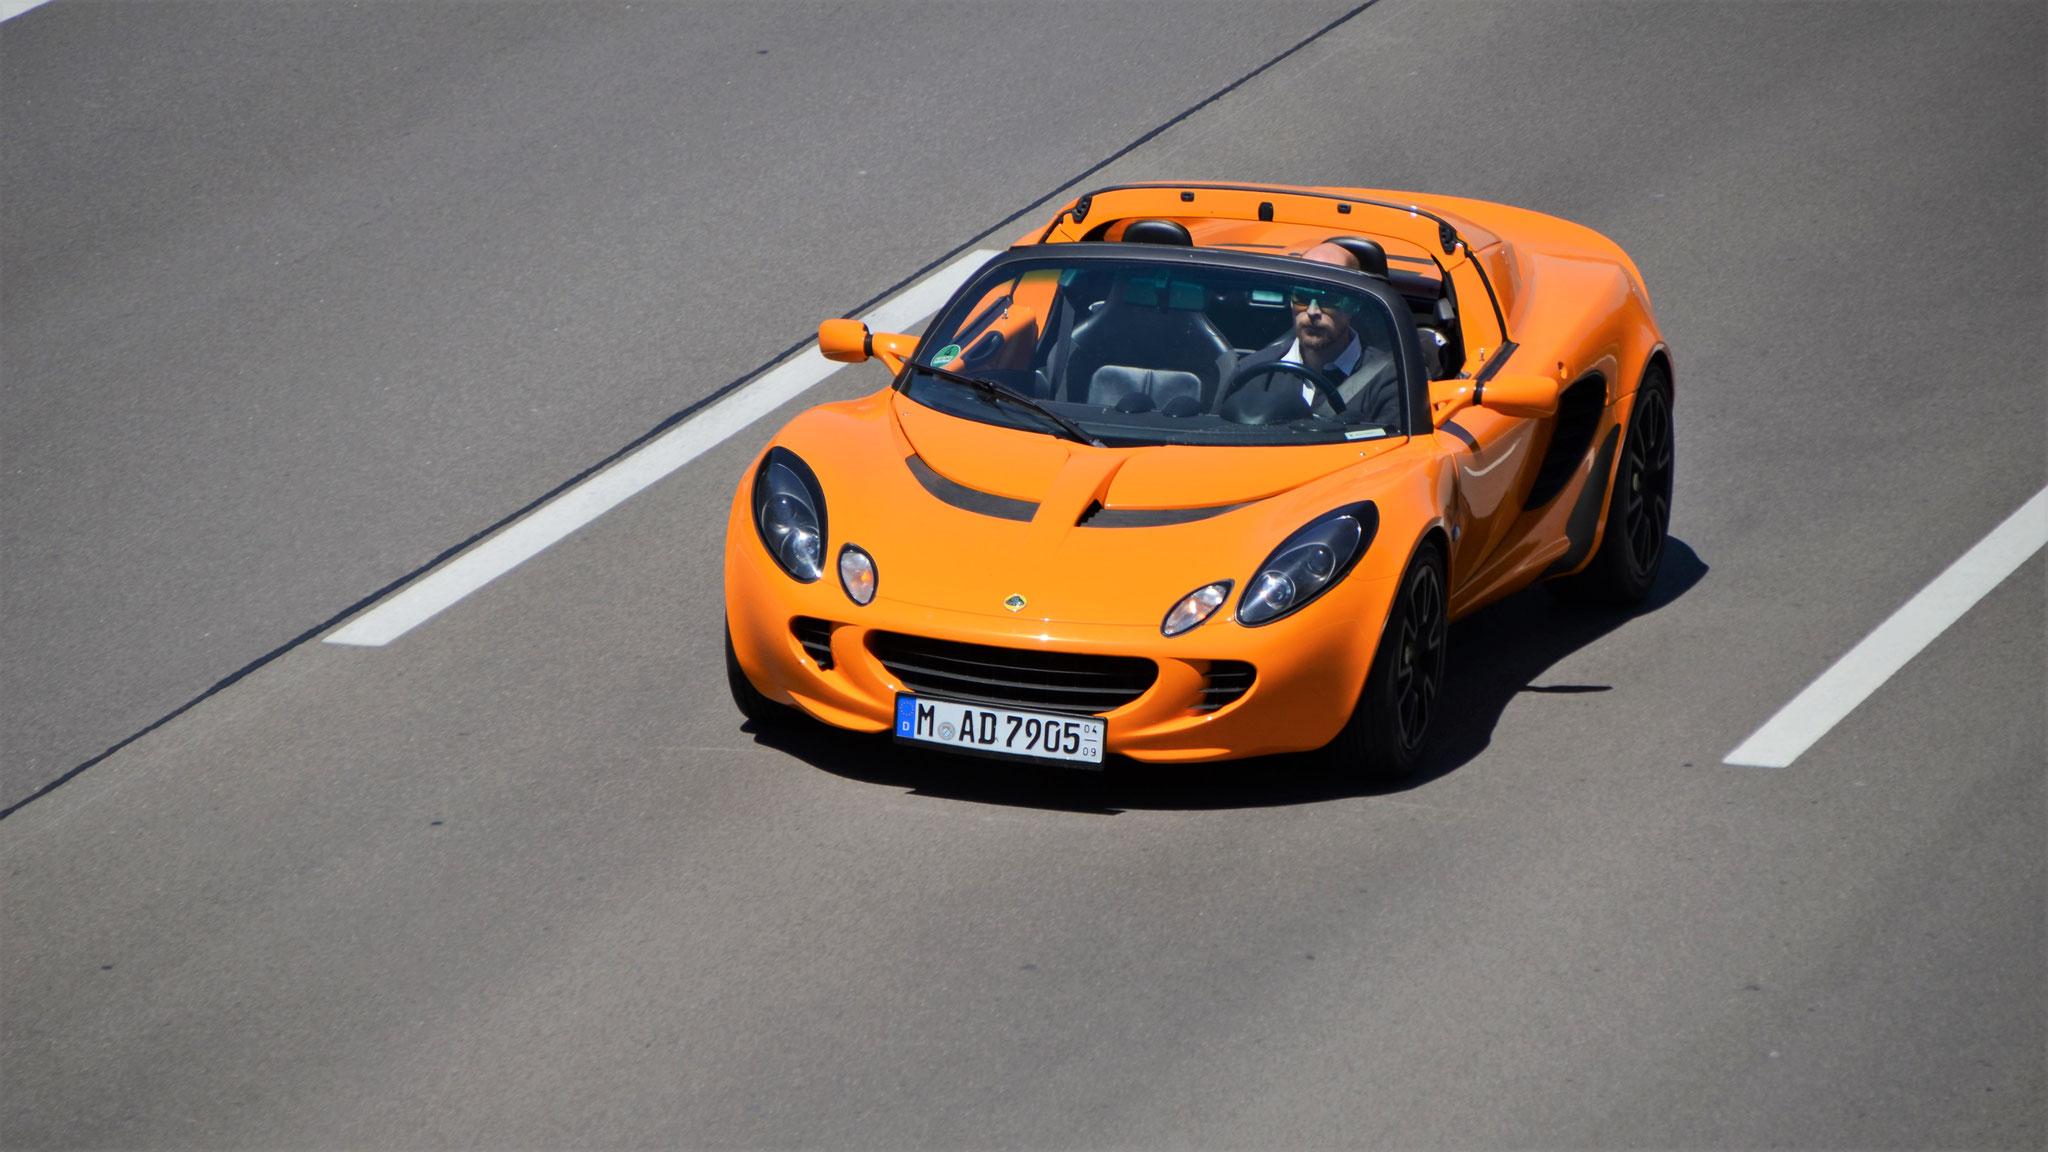 Lotus Elise S2 - M-AD-7905